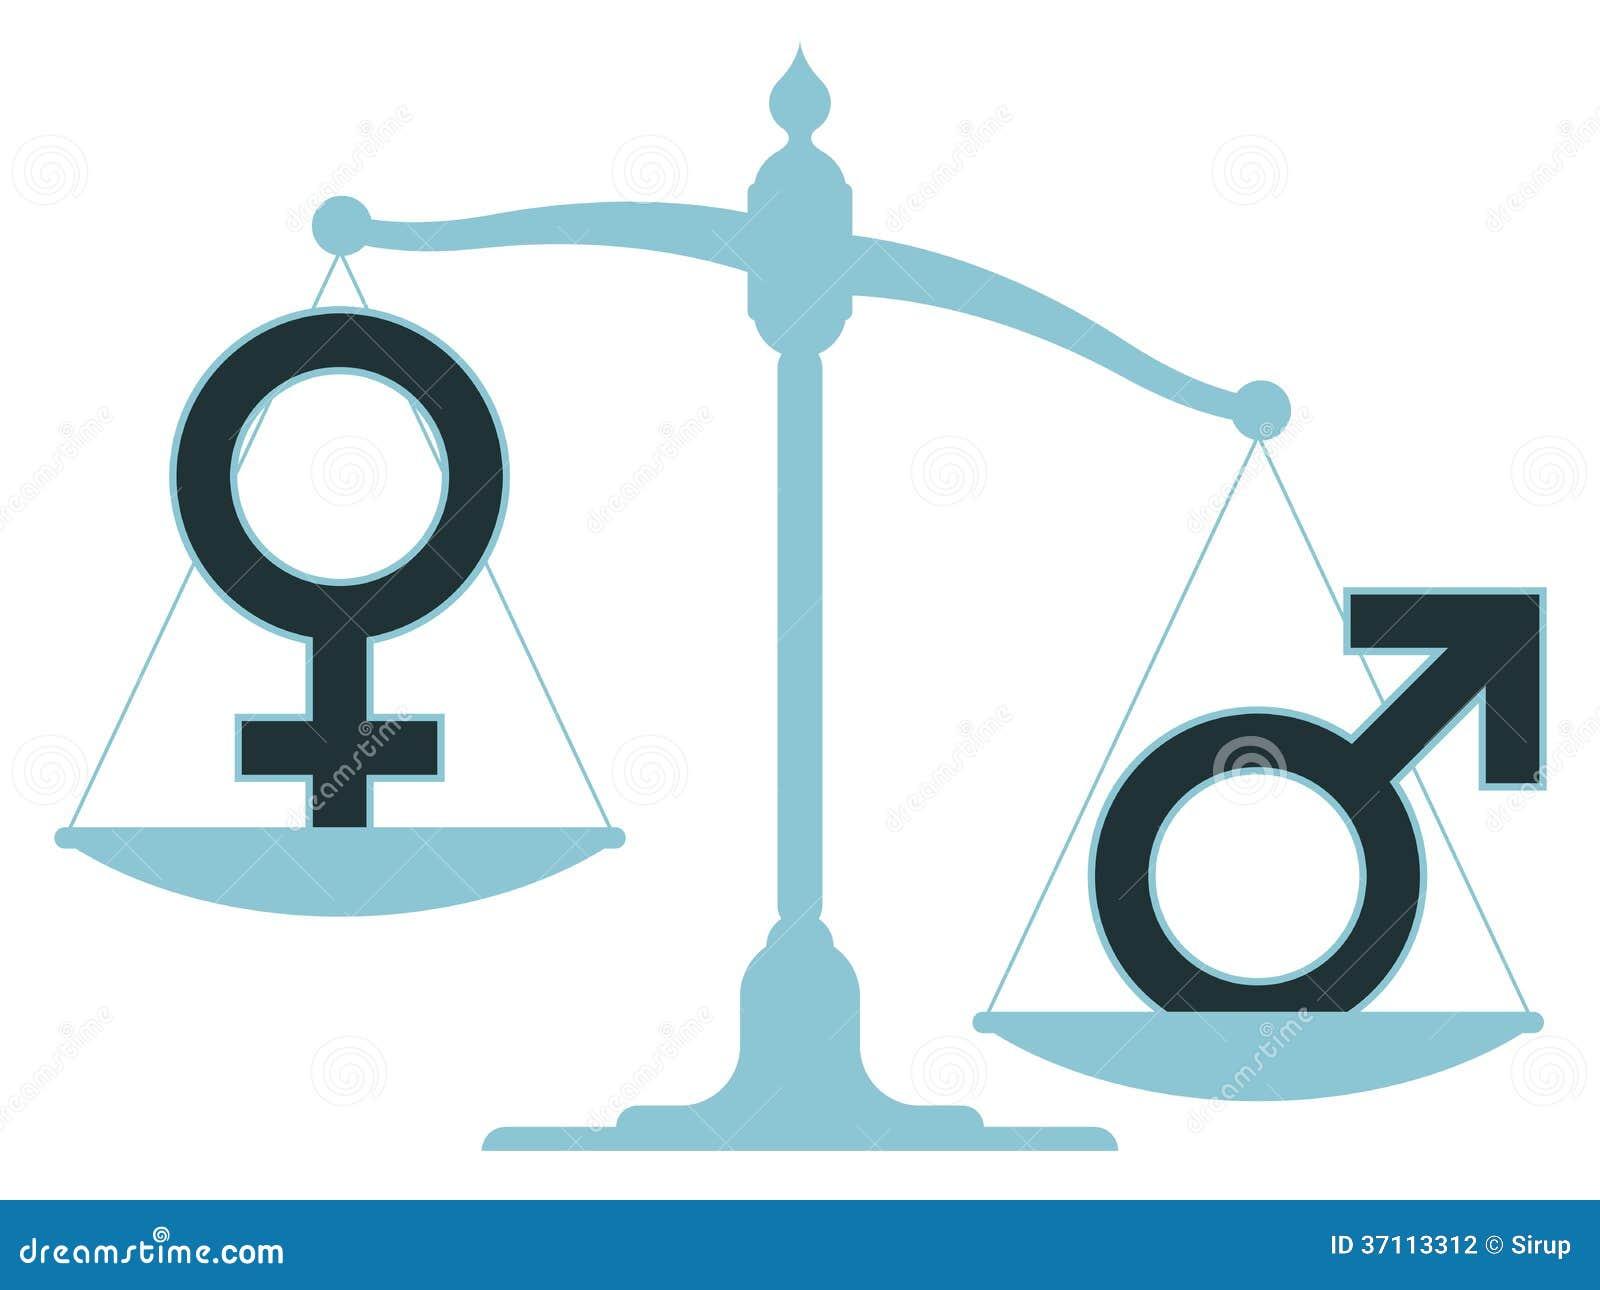 Unausgeglichene Skala mit den männlichen und weiblichen Ikonen